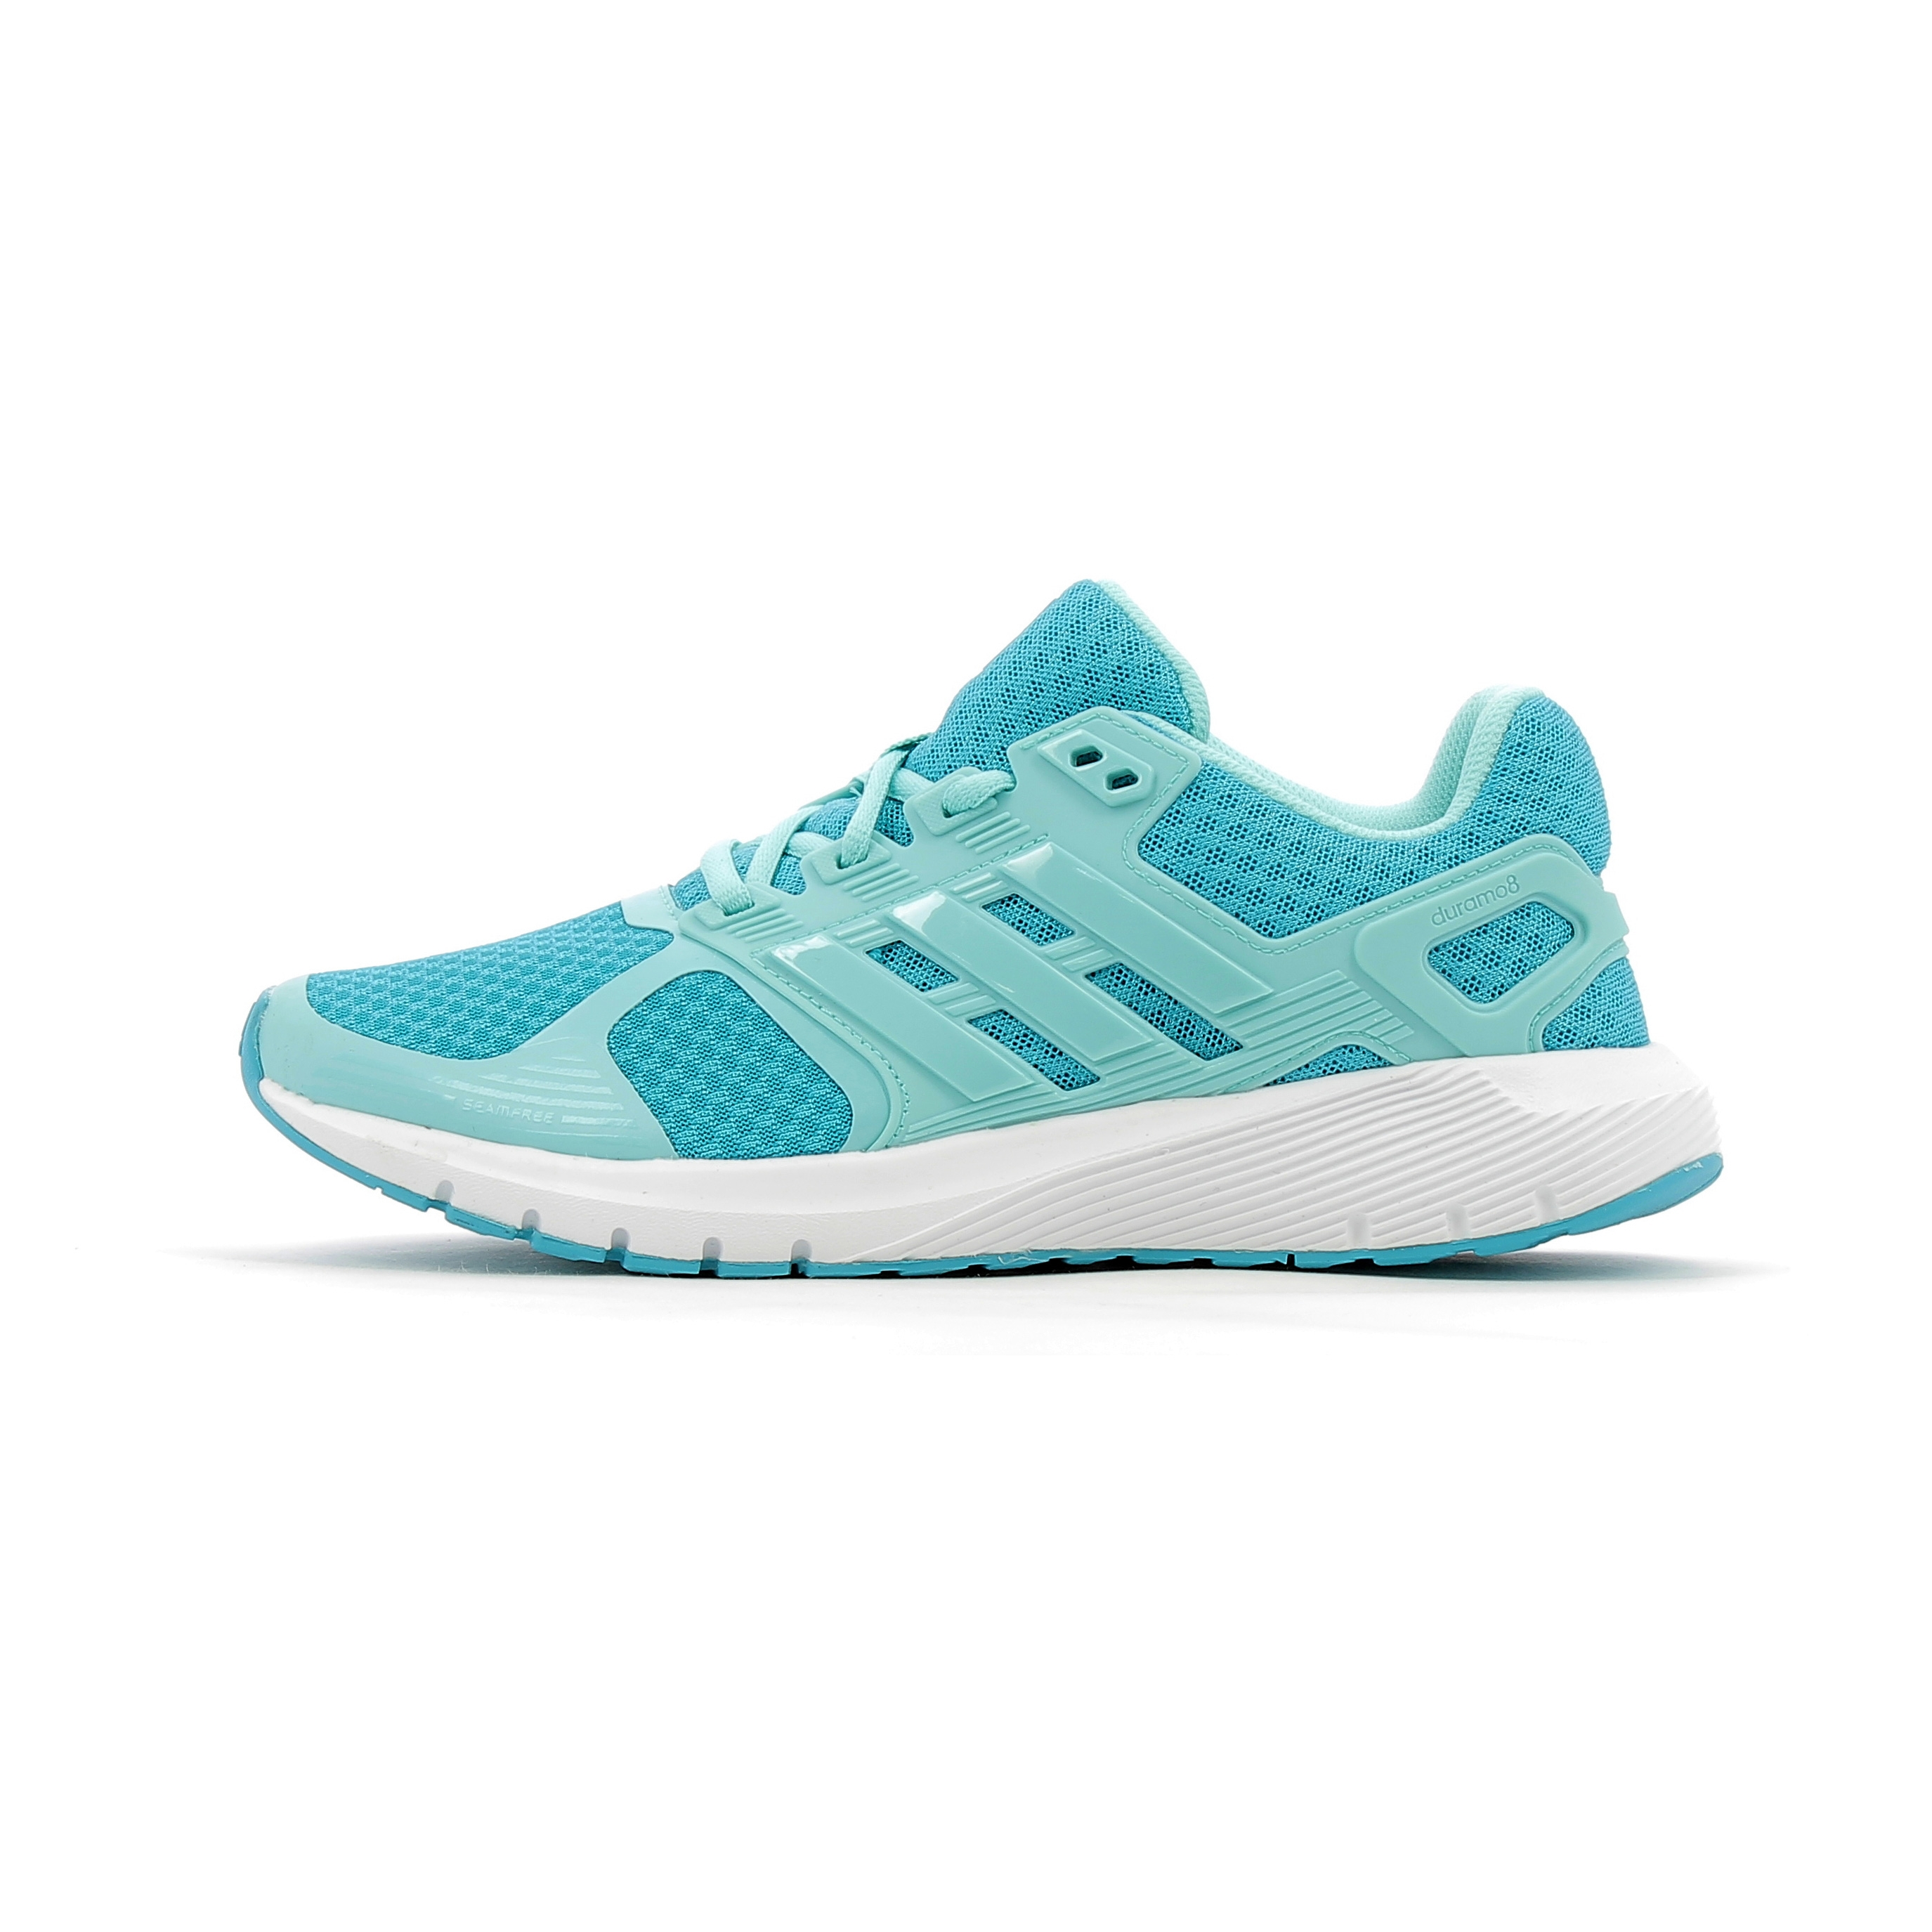 large choix de designs variété de dessins et de couleurs produits de qualité Chaussures running enfant Adidas Performance Duramo 8 Kid